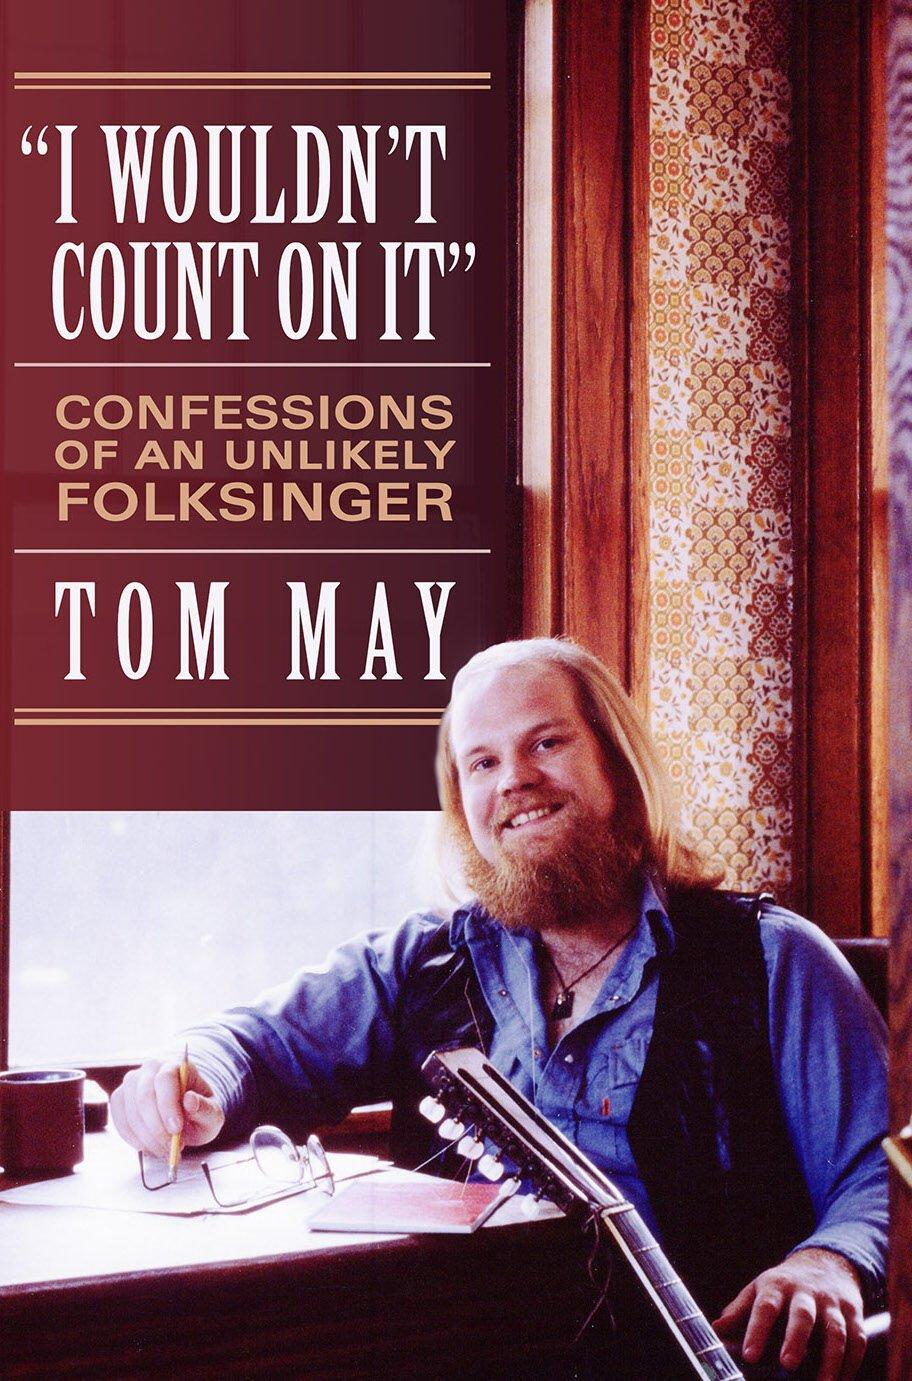 Tom May